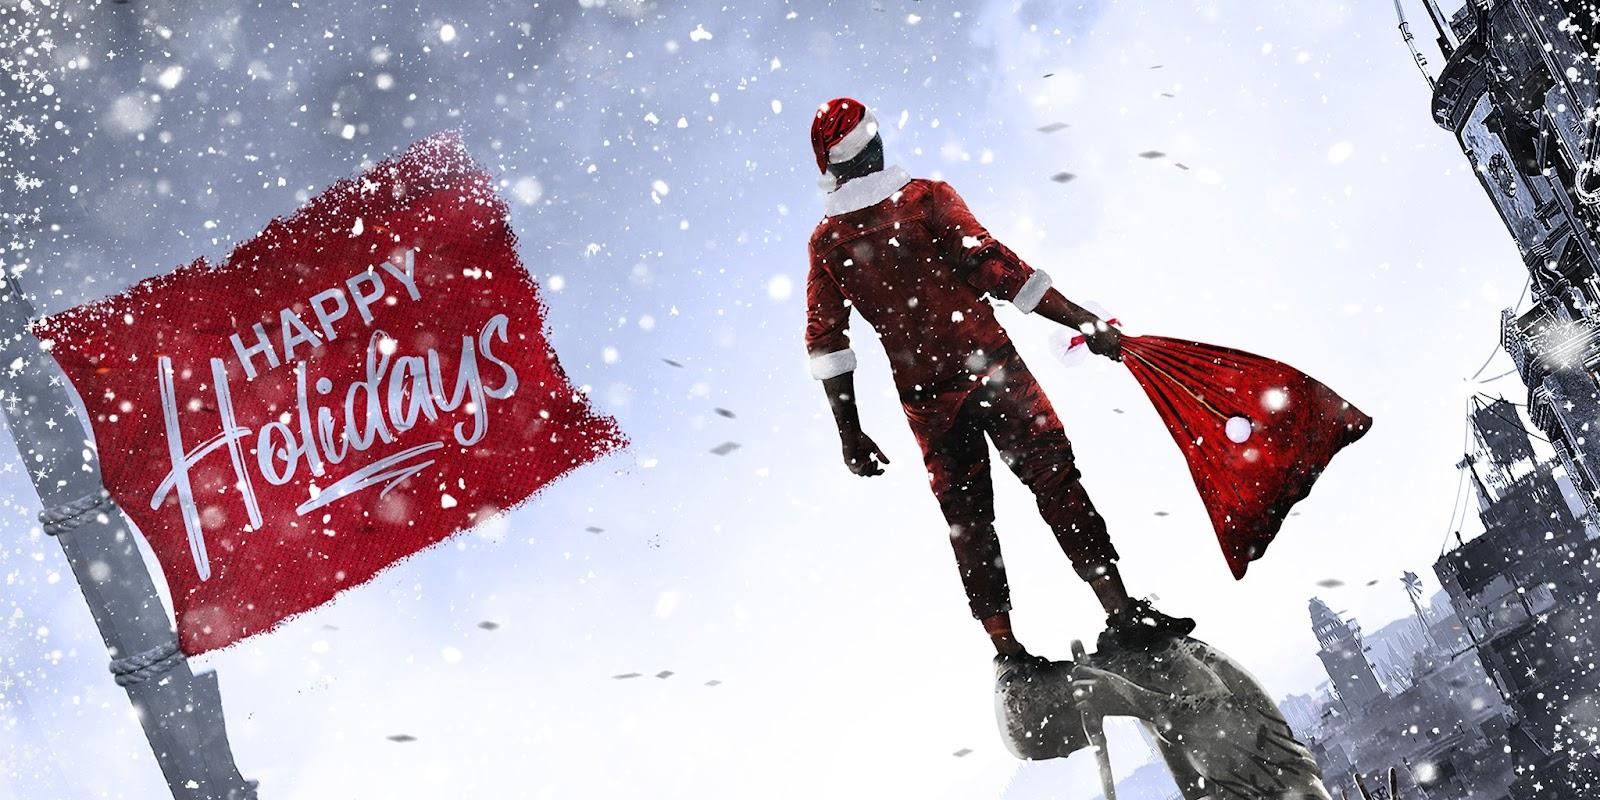 Праздничные открытки от разработчиков и издателей 2021 Рождественские открытки от разработчиков 2021